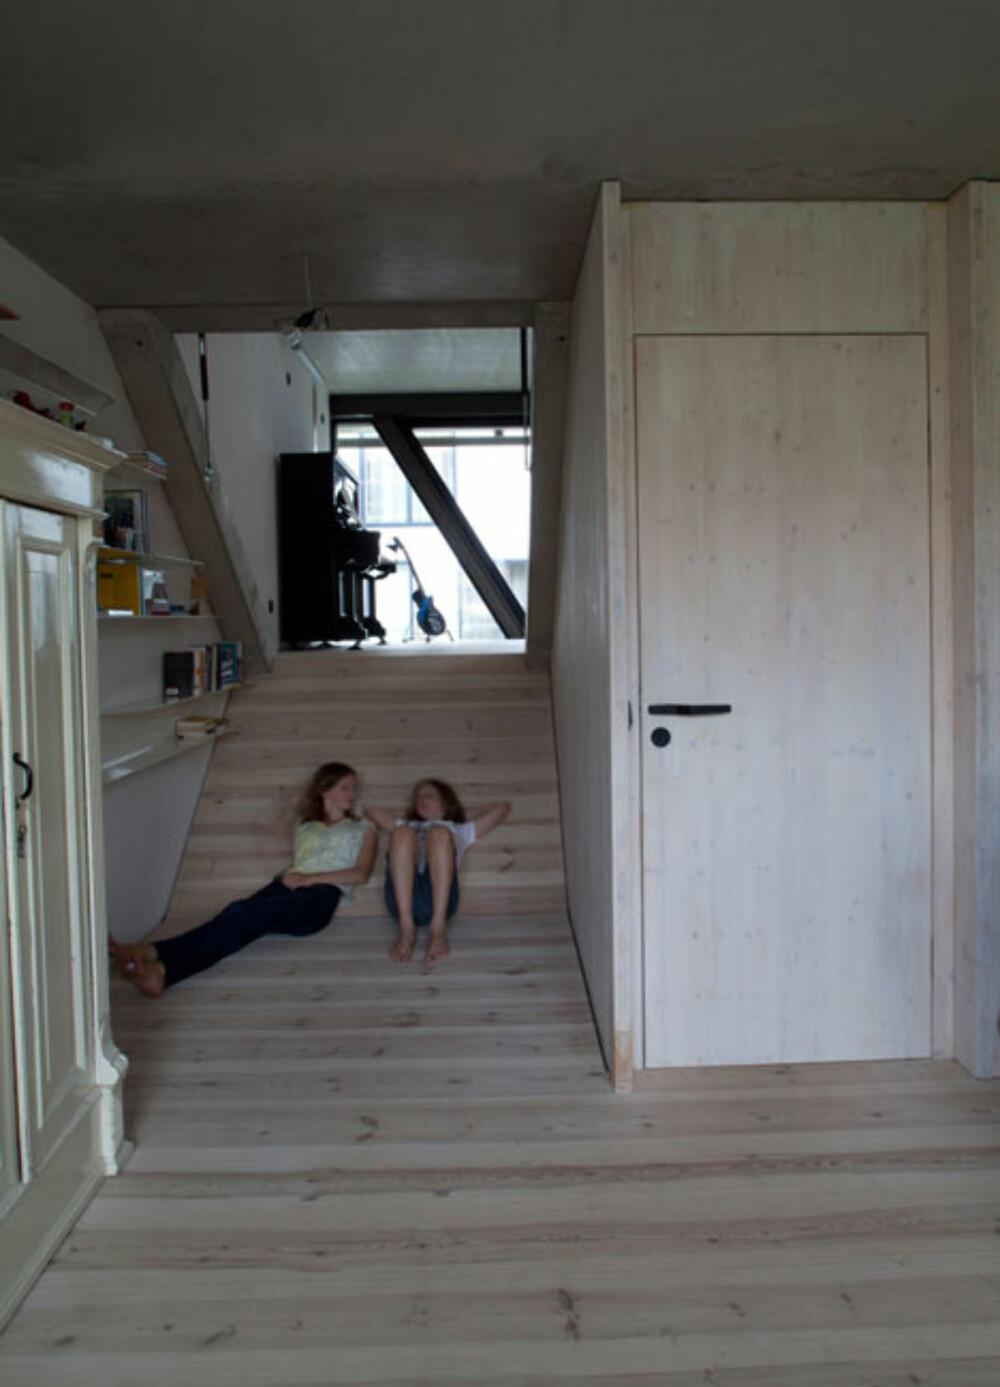 SKEIVE GULV: Gulvene skråner mellom etasjene i dette huset, til stor glede for husets barn.